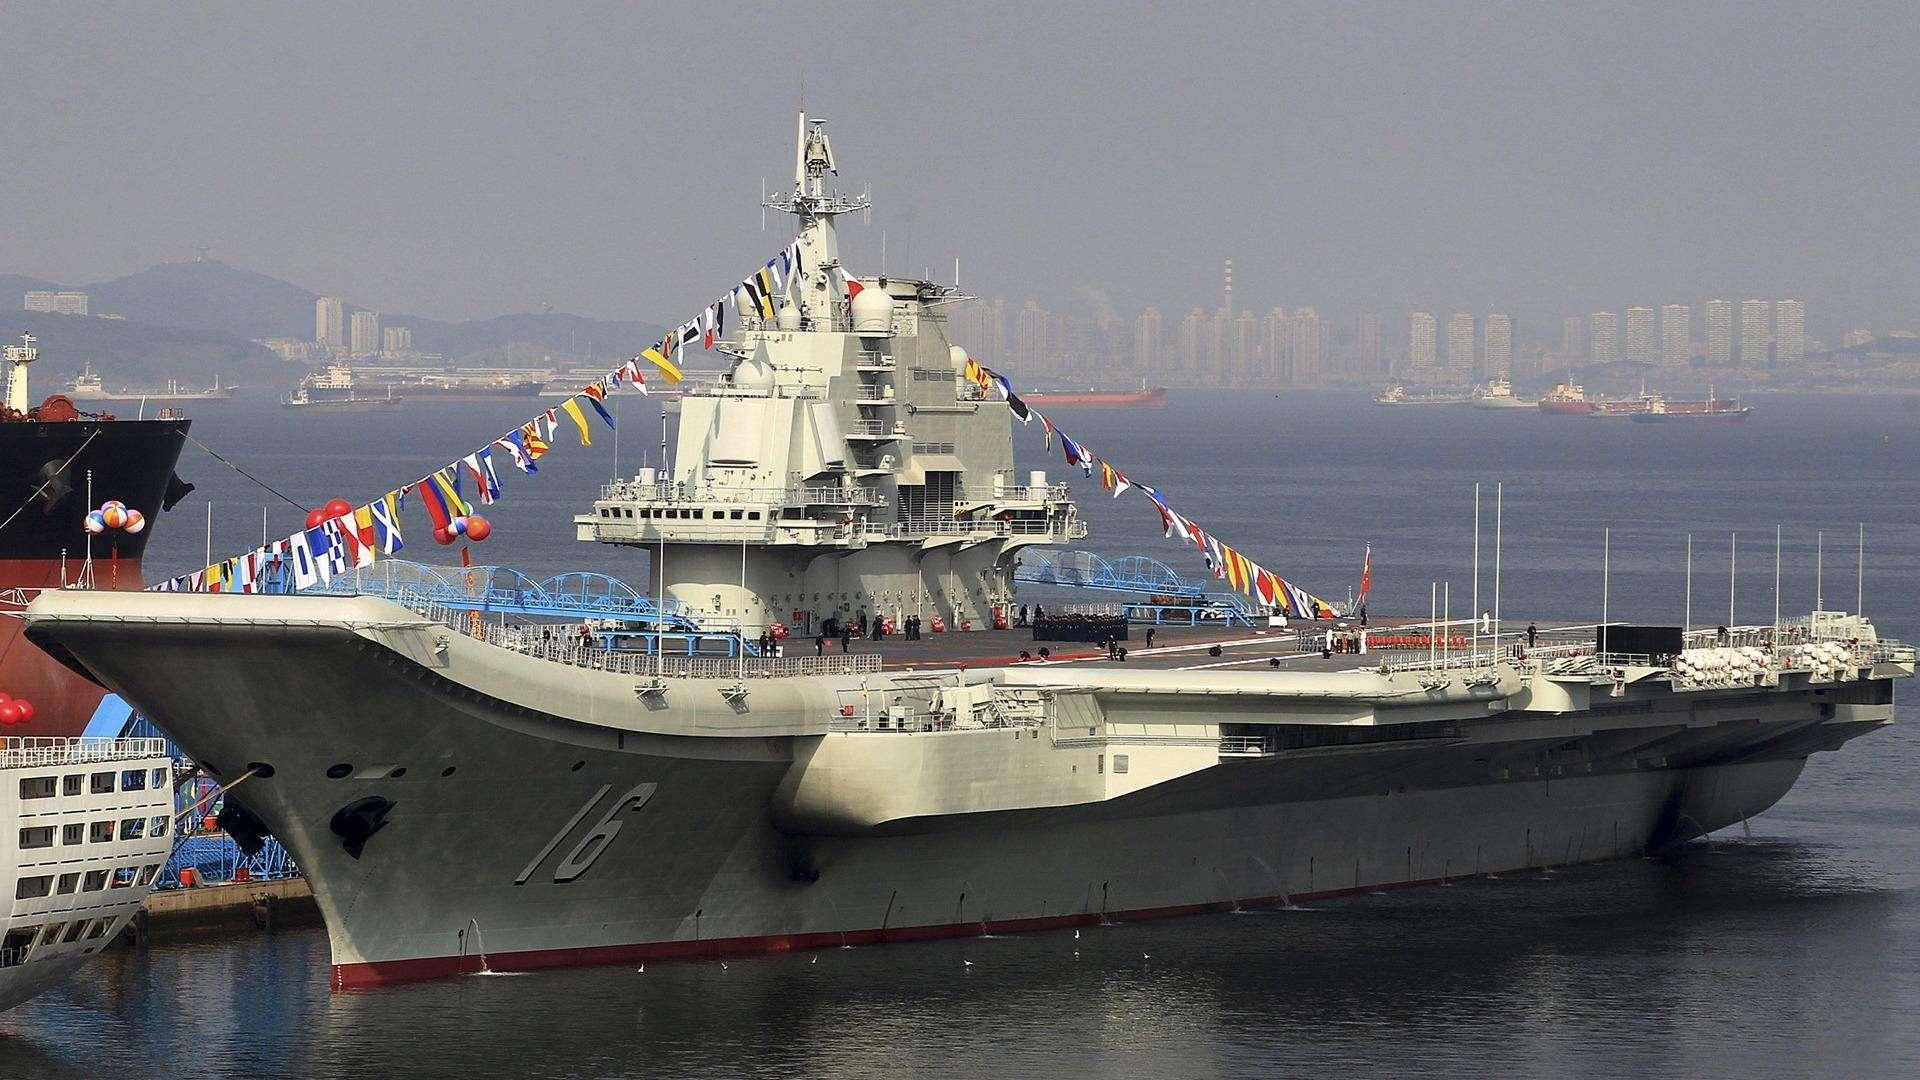 美媒热议中国迈入强起来新时代:重归强国角色